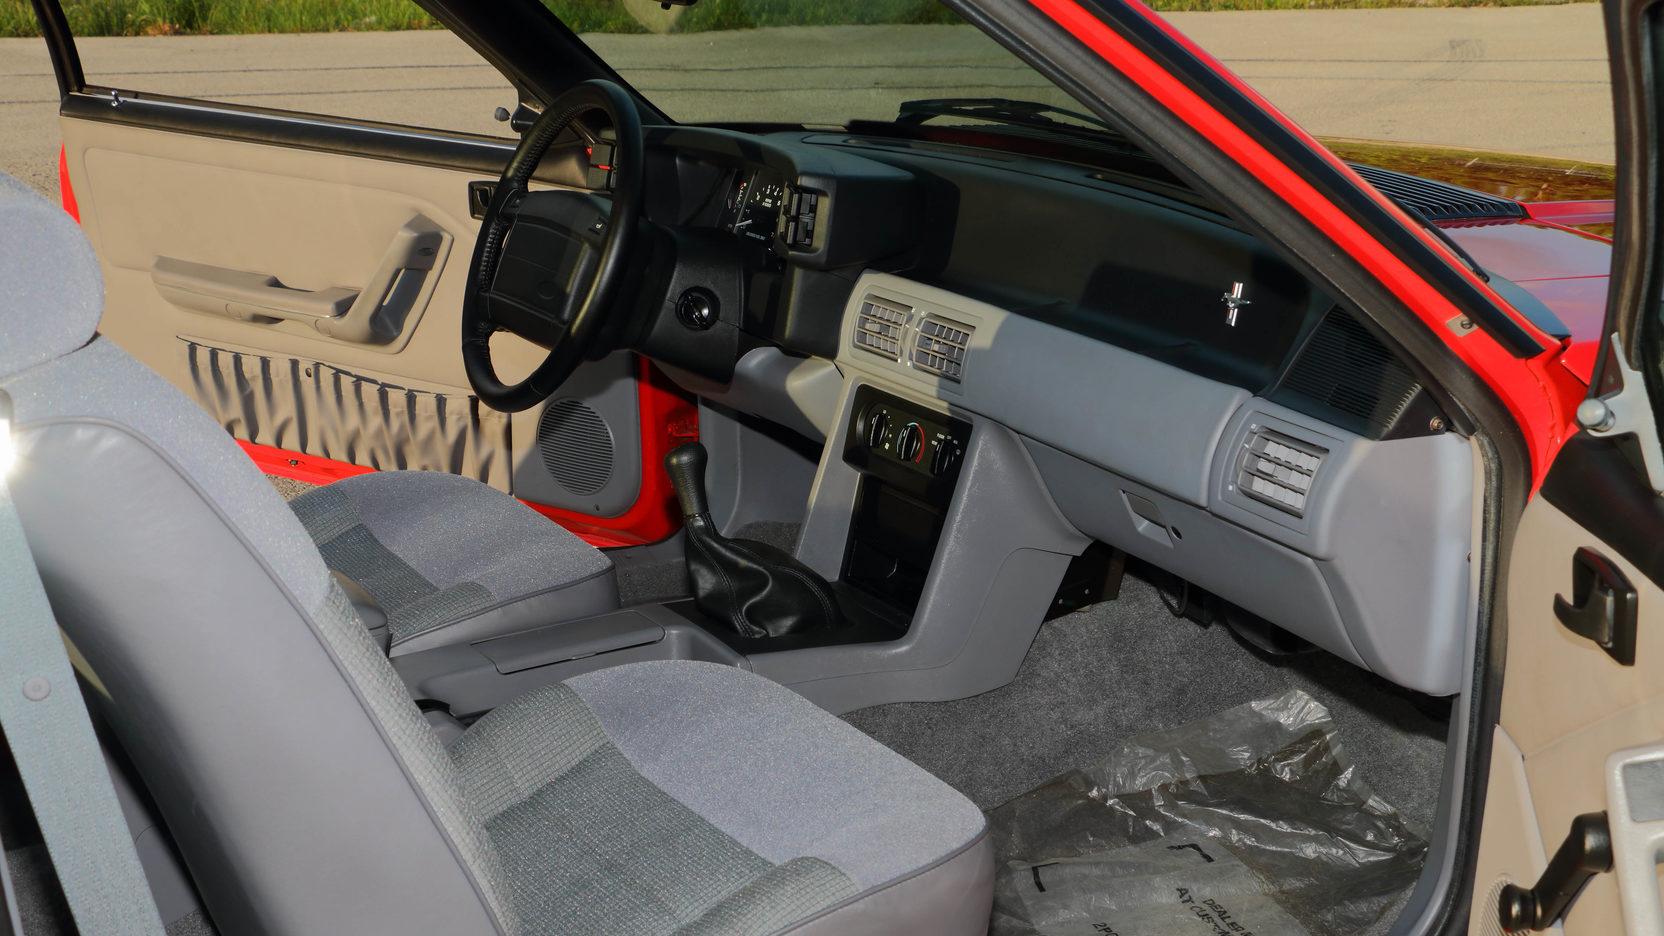 1993 Ford Mustang SVT Cobra R interior